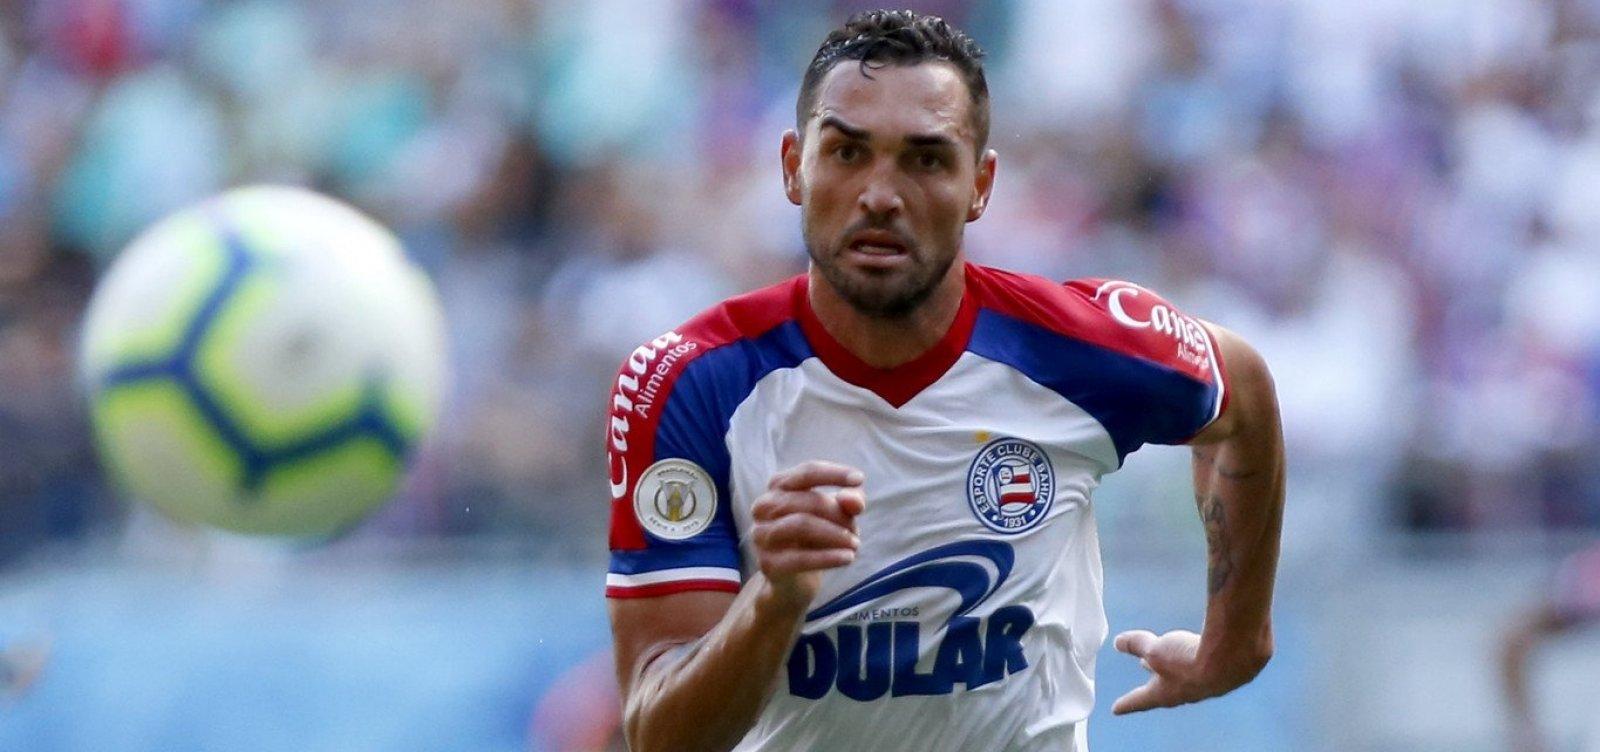 Gilberto pede desculpas ao Bahia após reforçar desejo de jogar no Flamengo